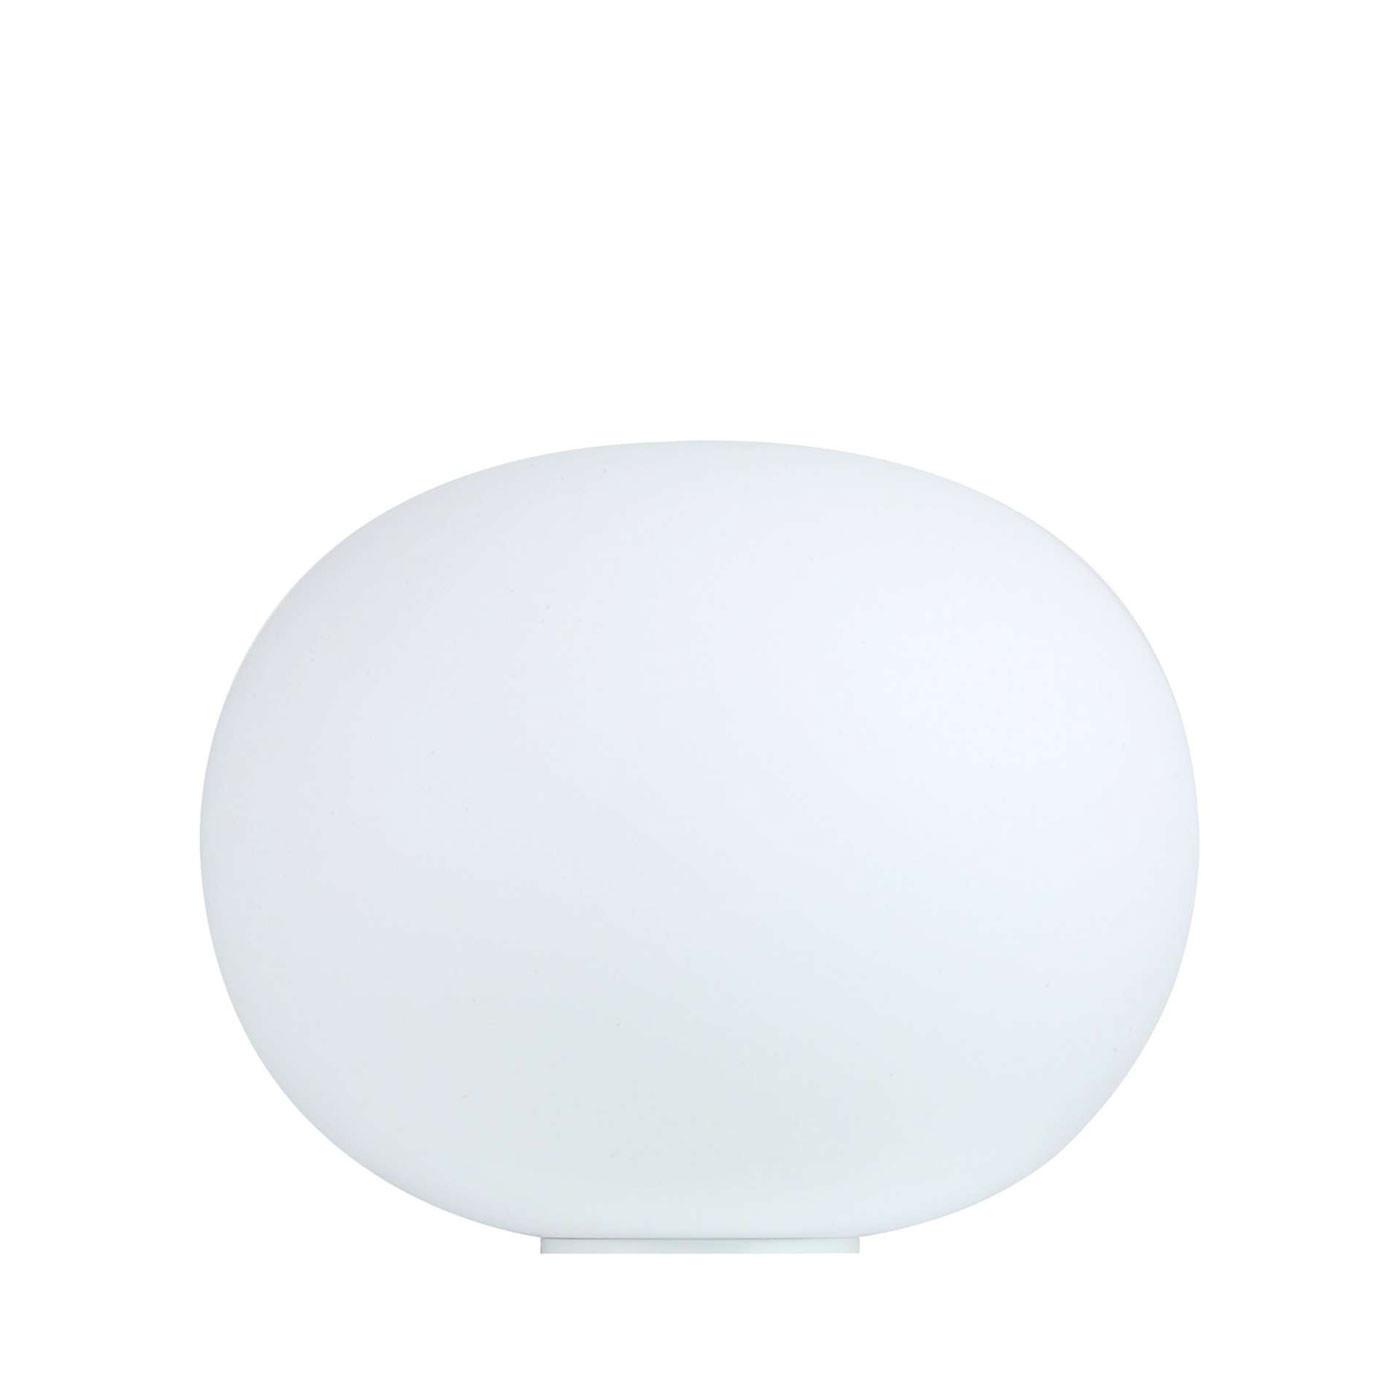 Flos Glo-Ball Basic 1, T1, F1, C1 und F2 Ersatzglas